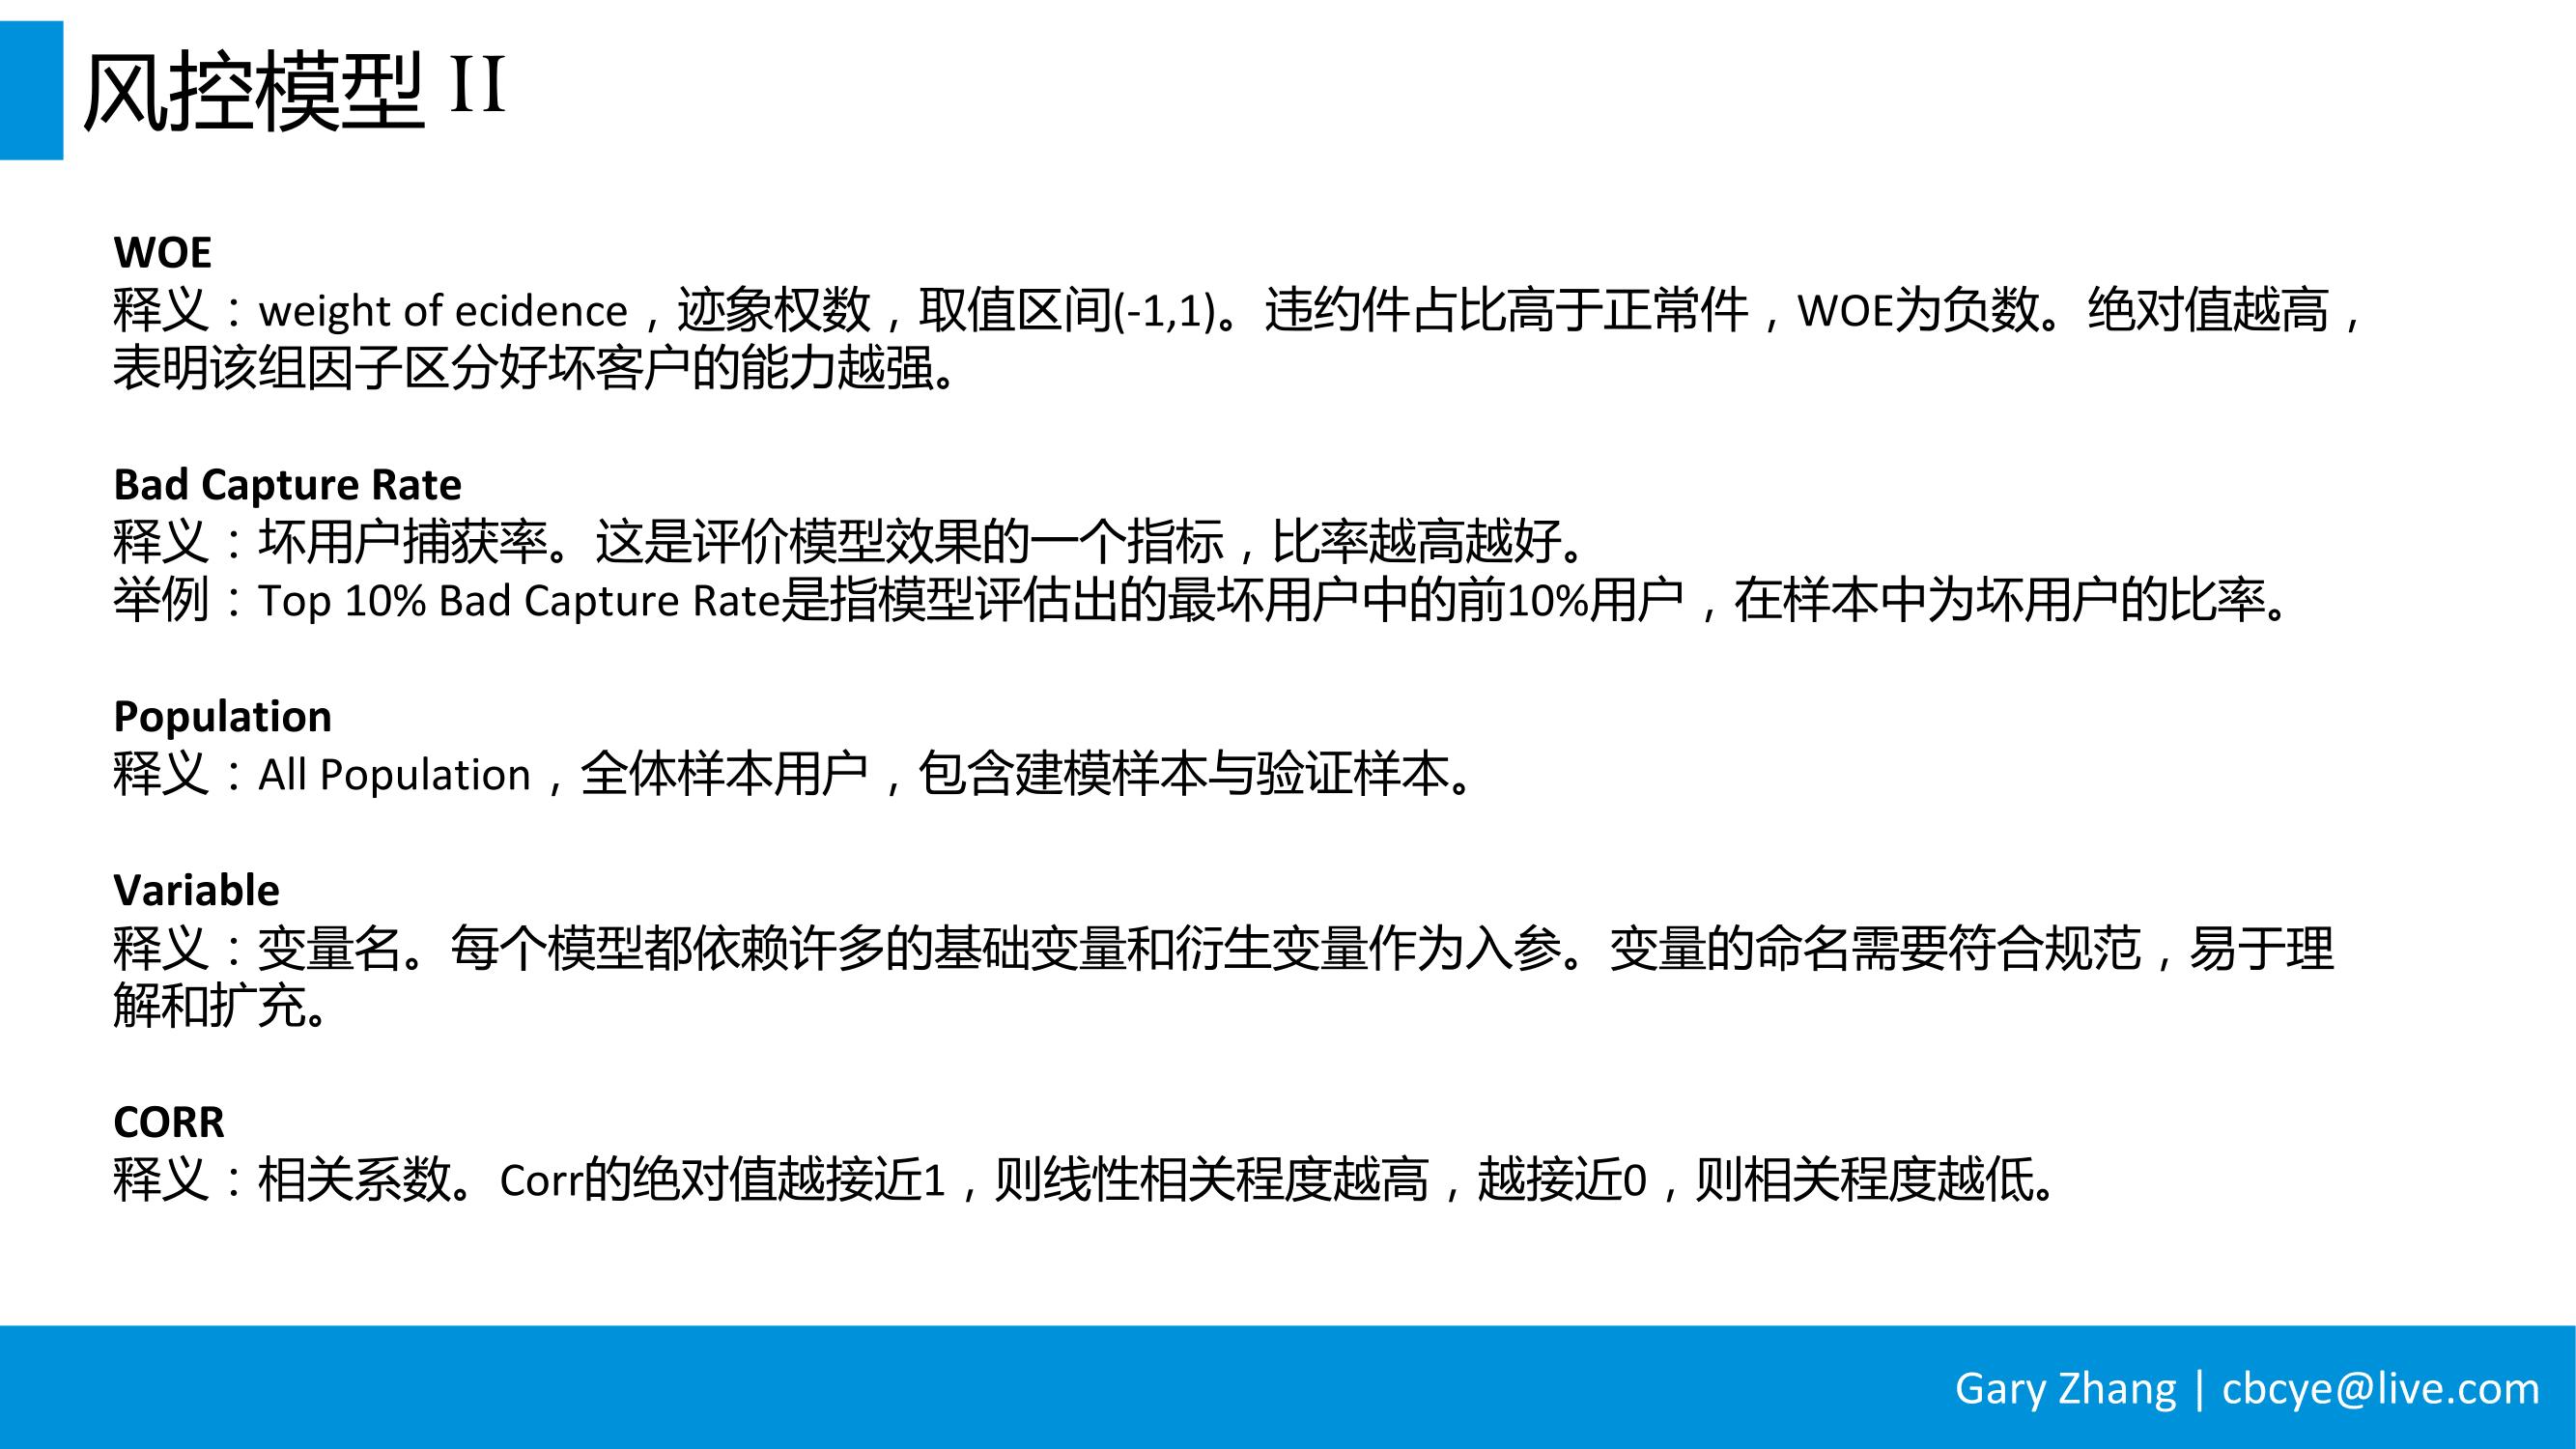 消费金融业务全流程指南_v1.0-092